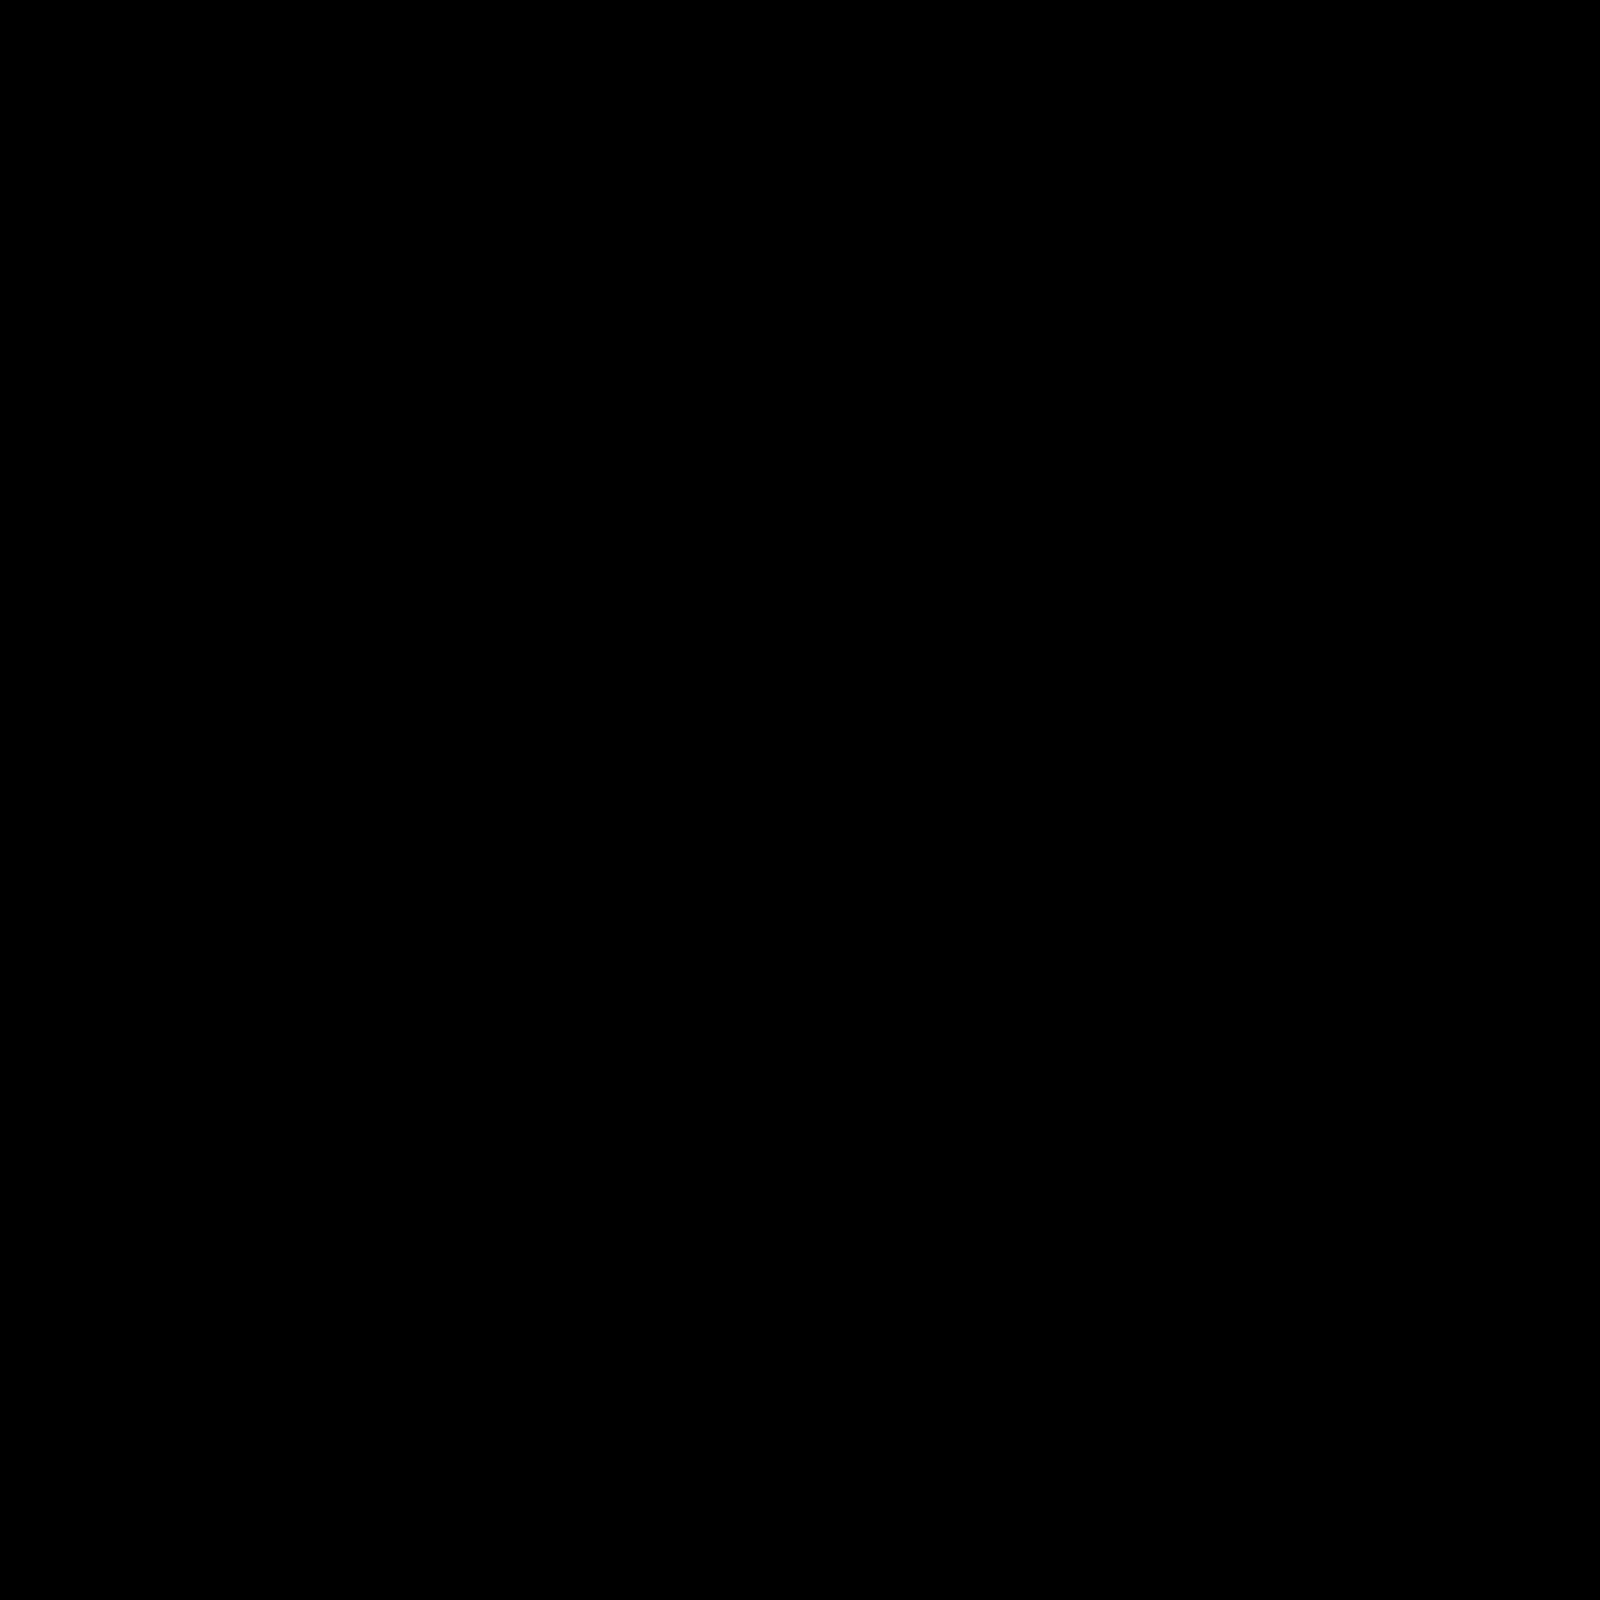 1600x1600 Reddit Inbox Icon